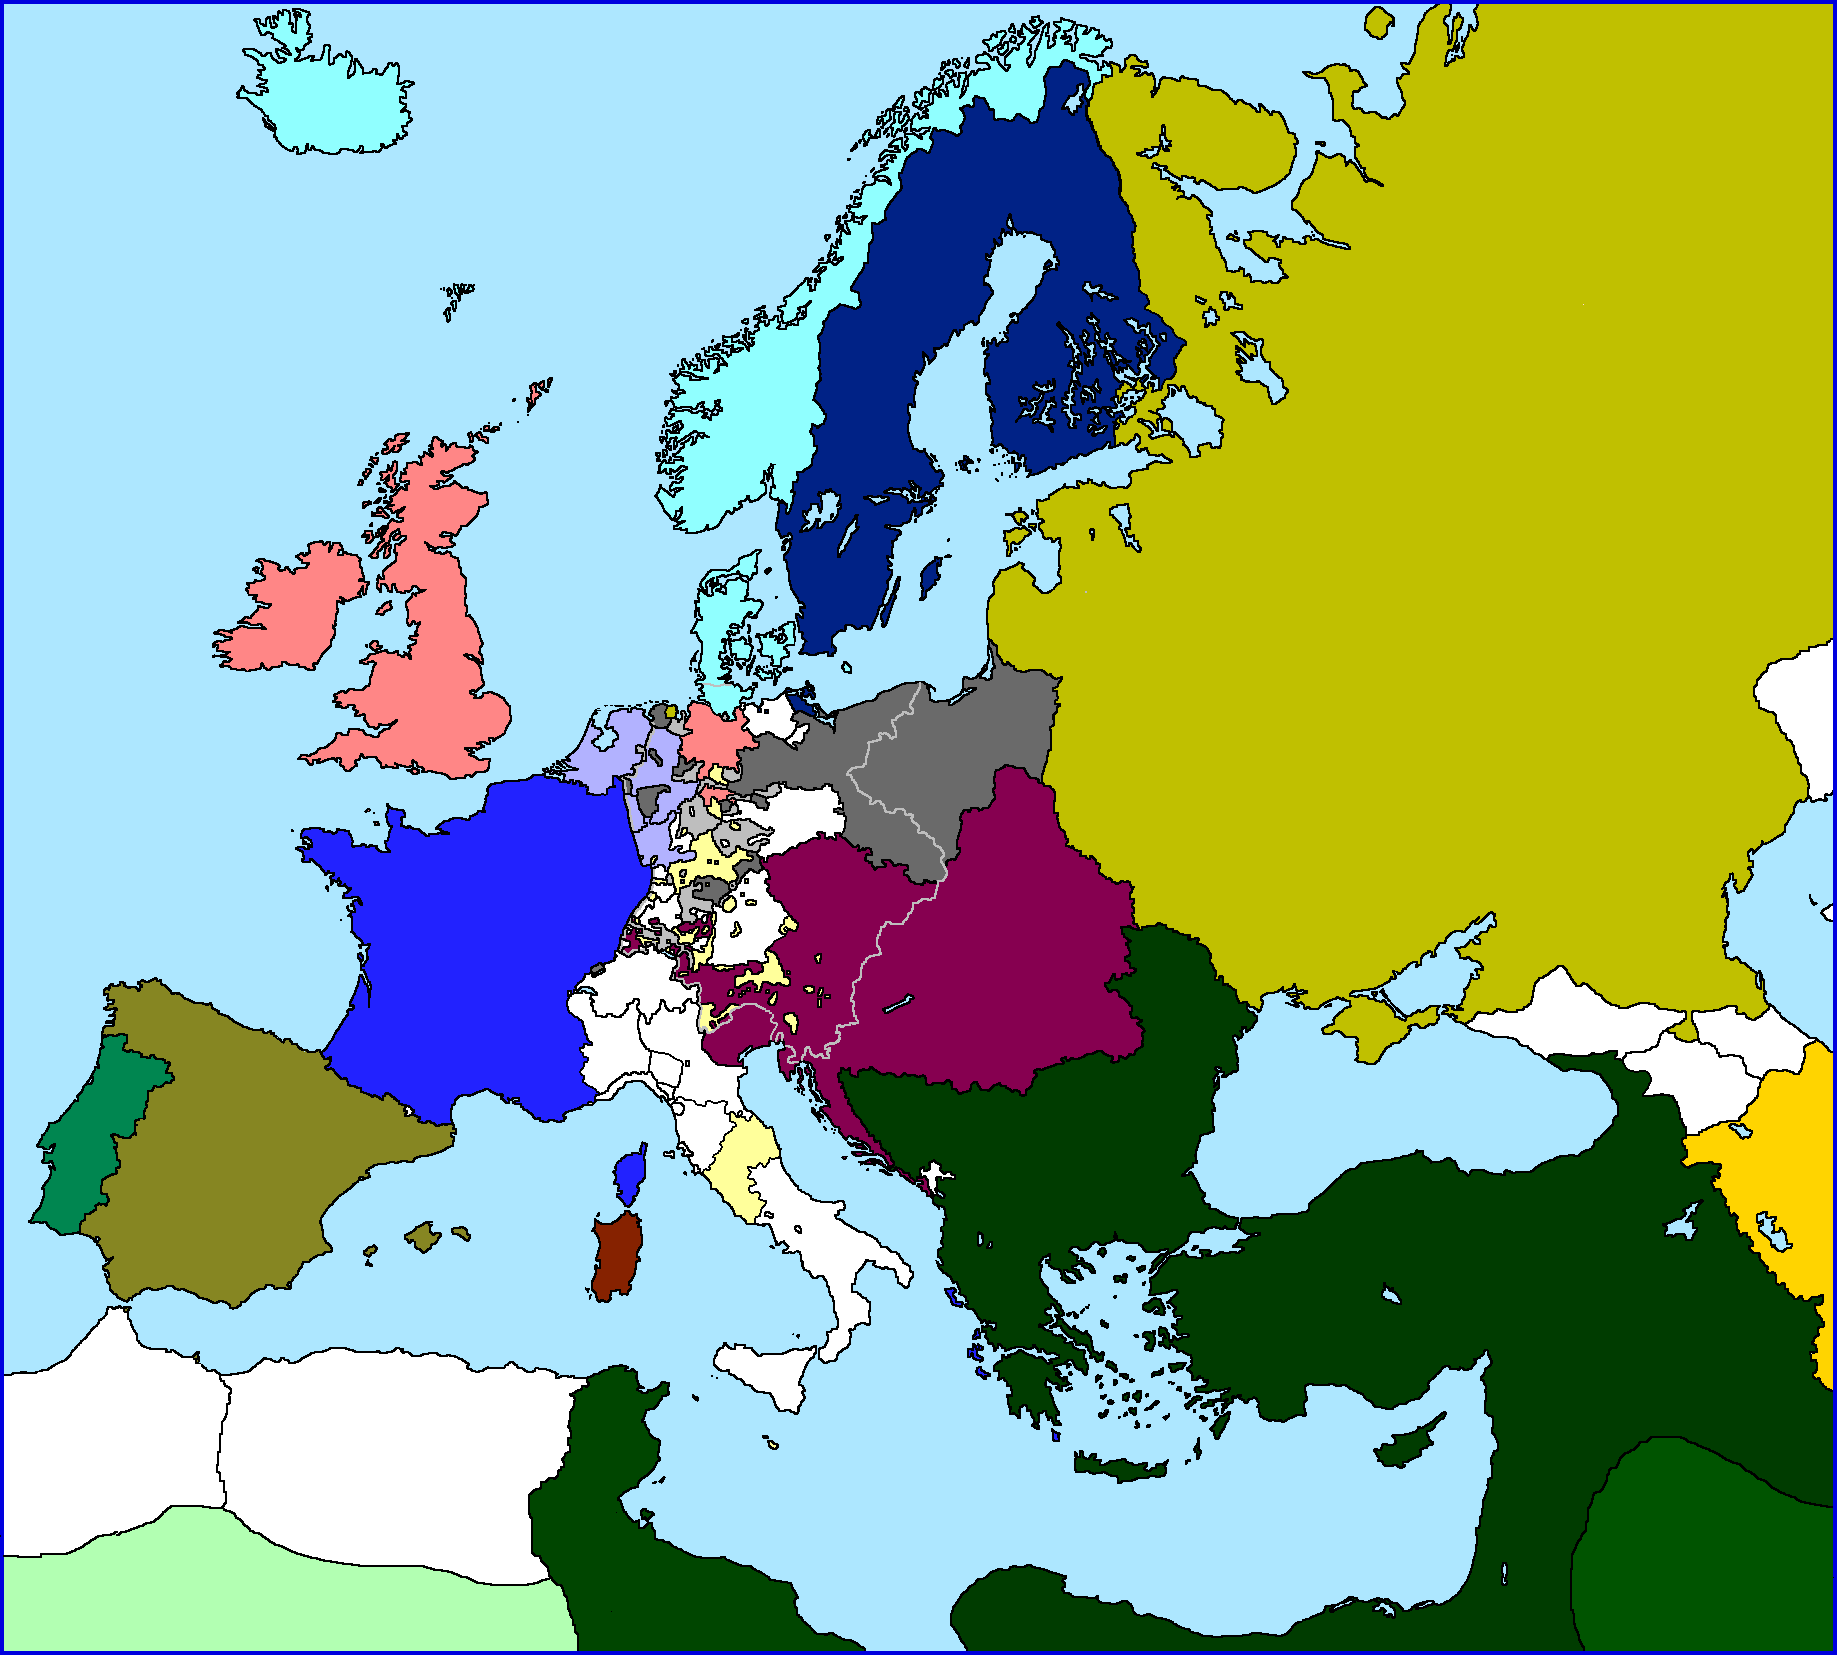 map of europe 1802 vive la rvolutionpng